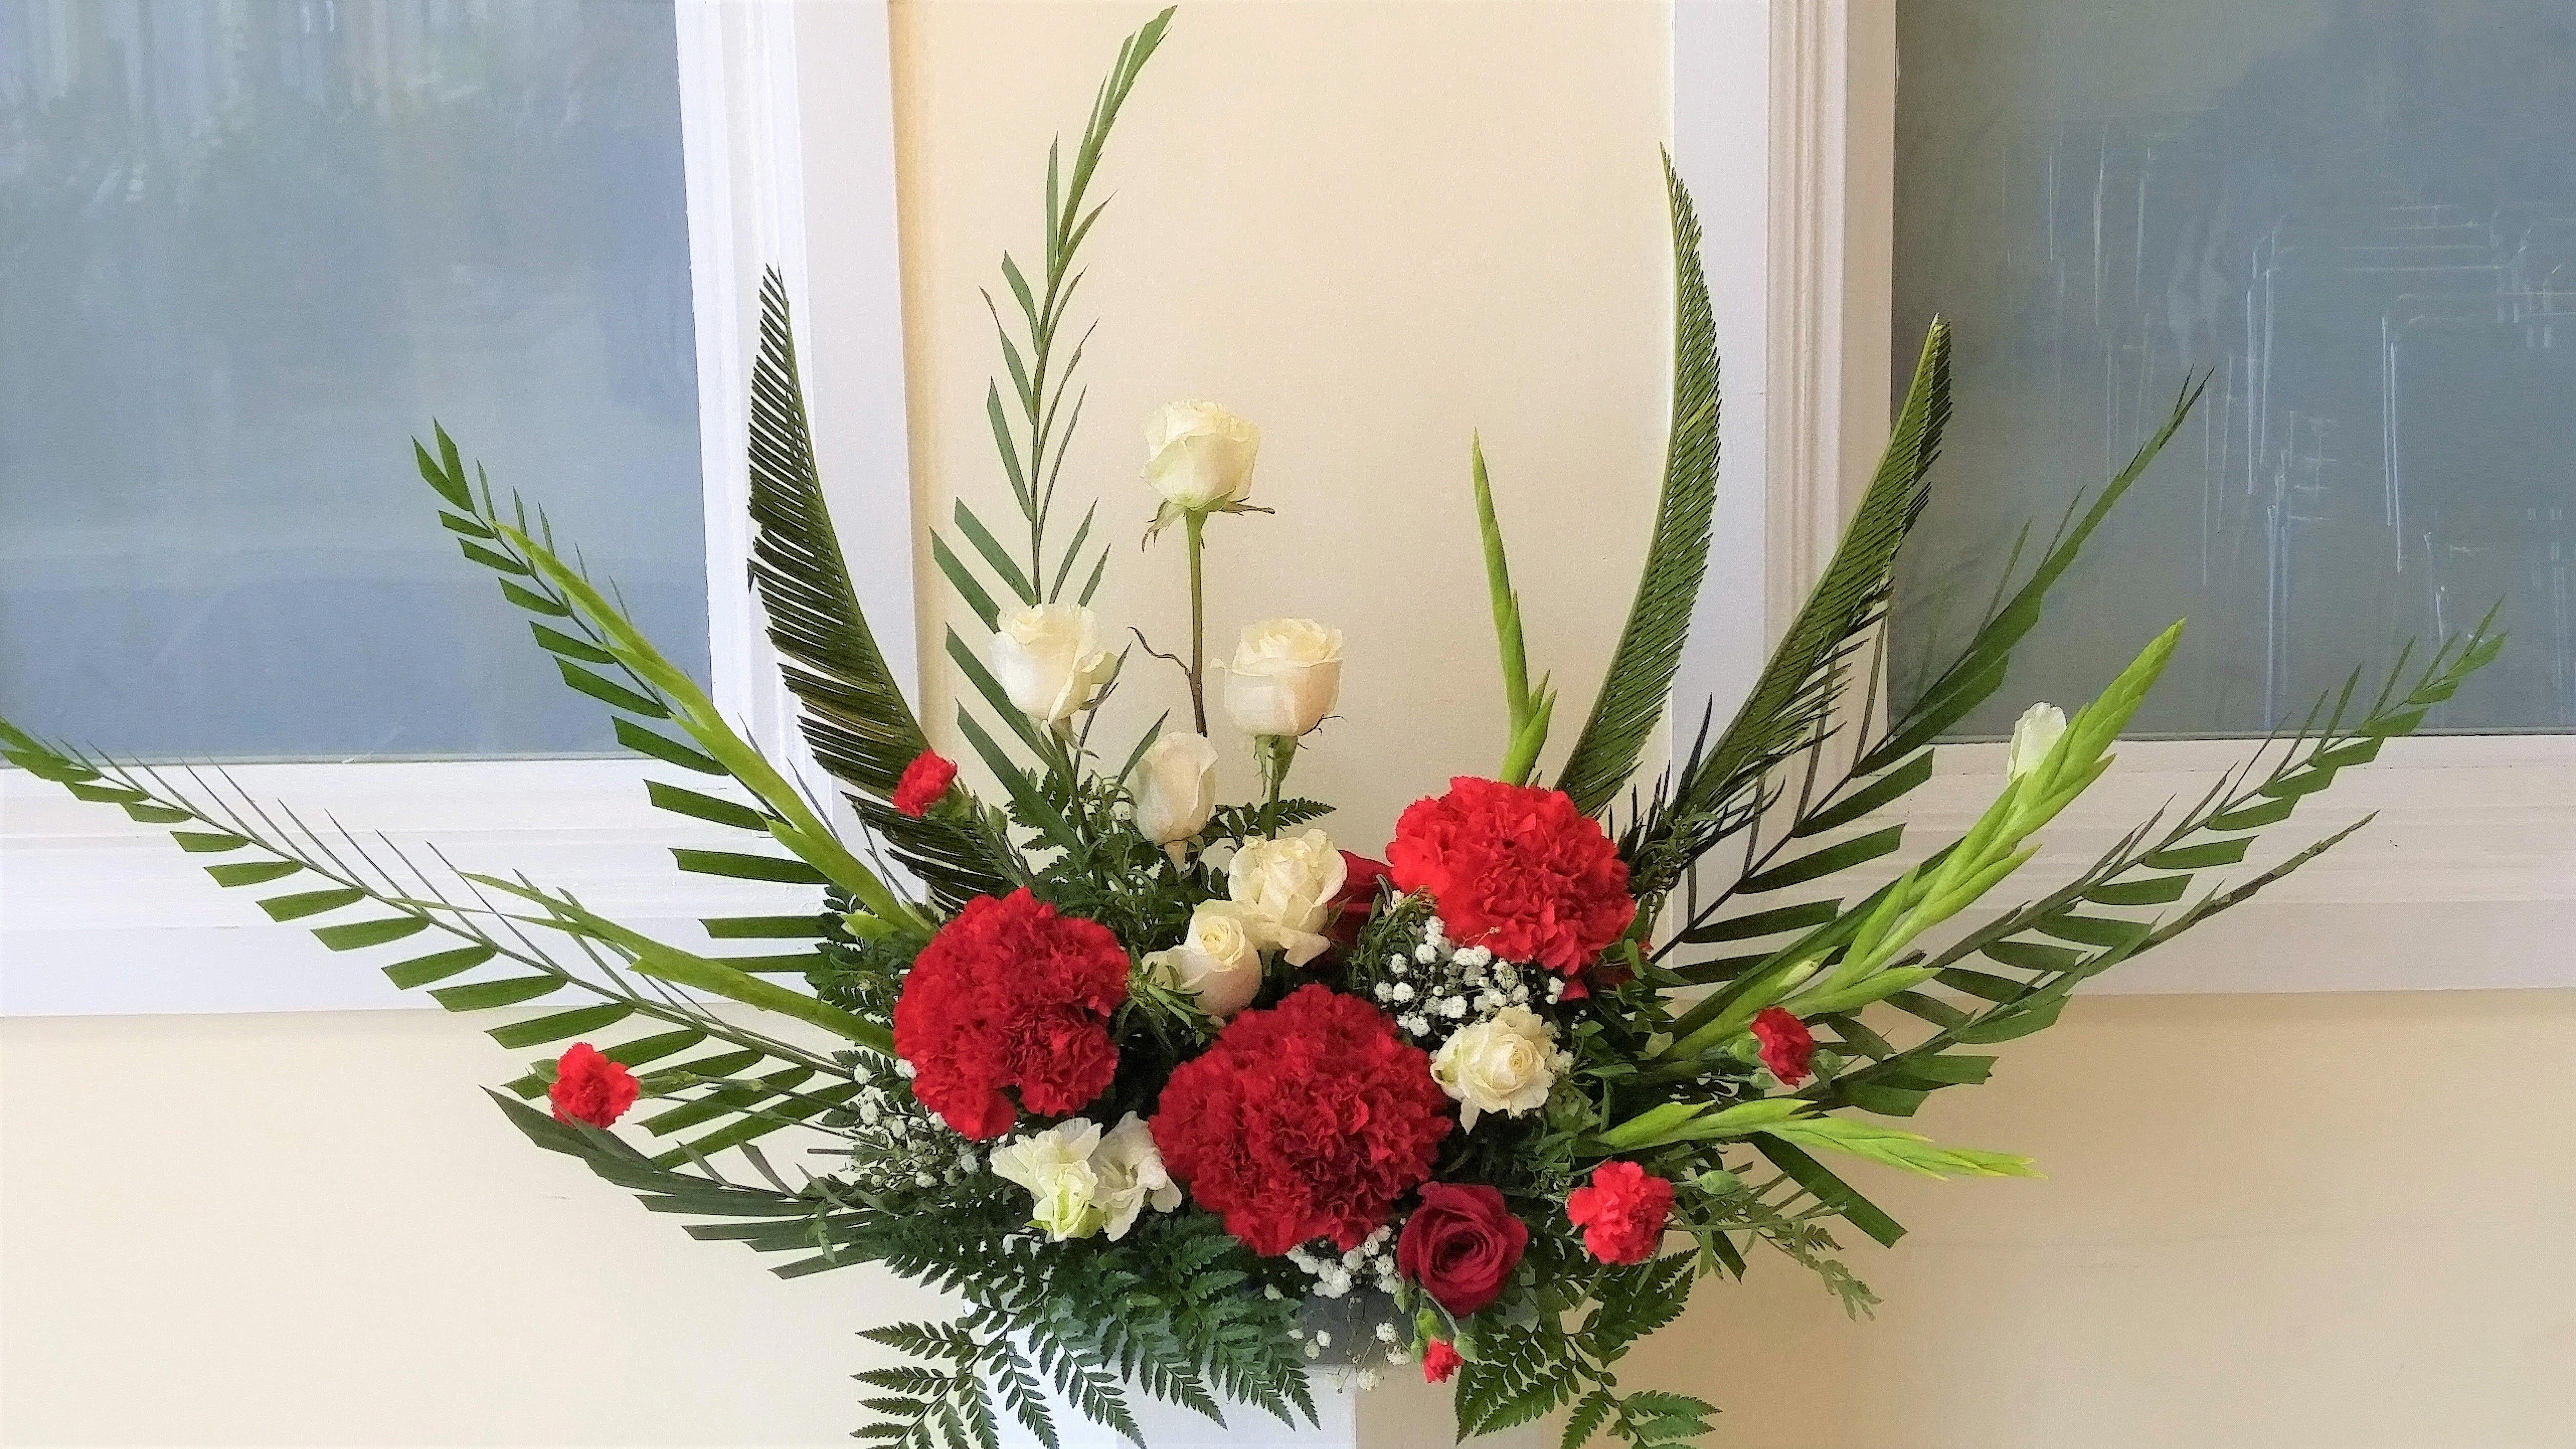 Church, Altar Flower Arrangement Christmas flower